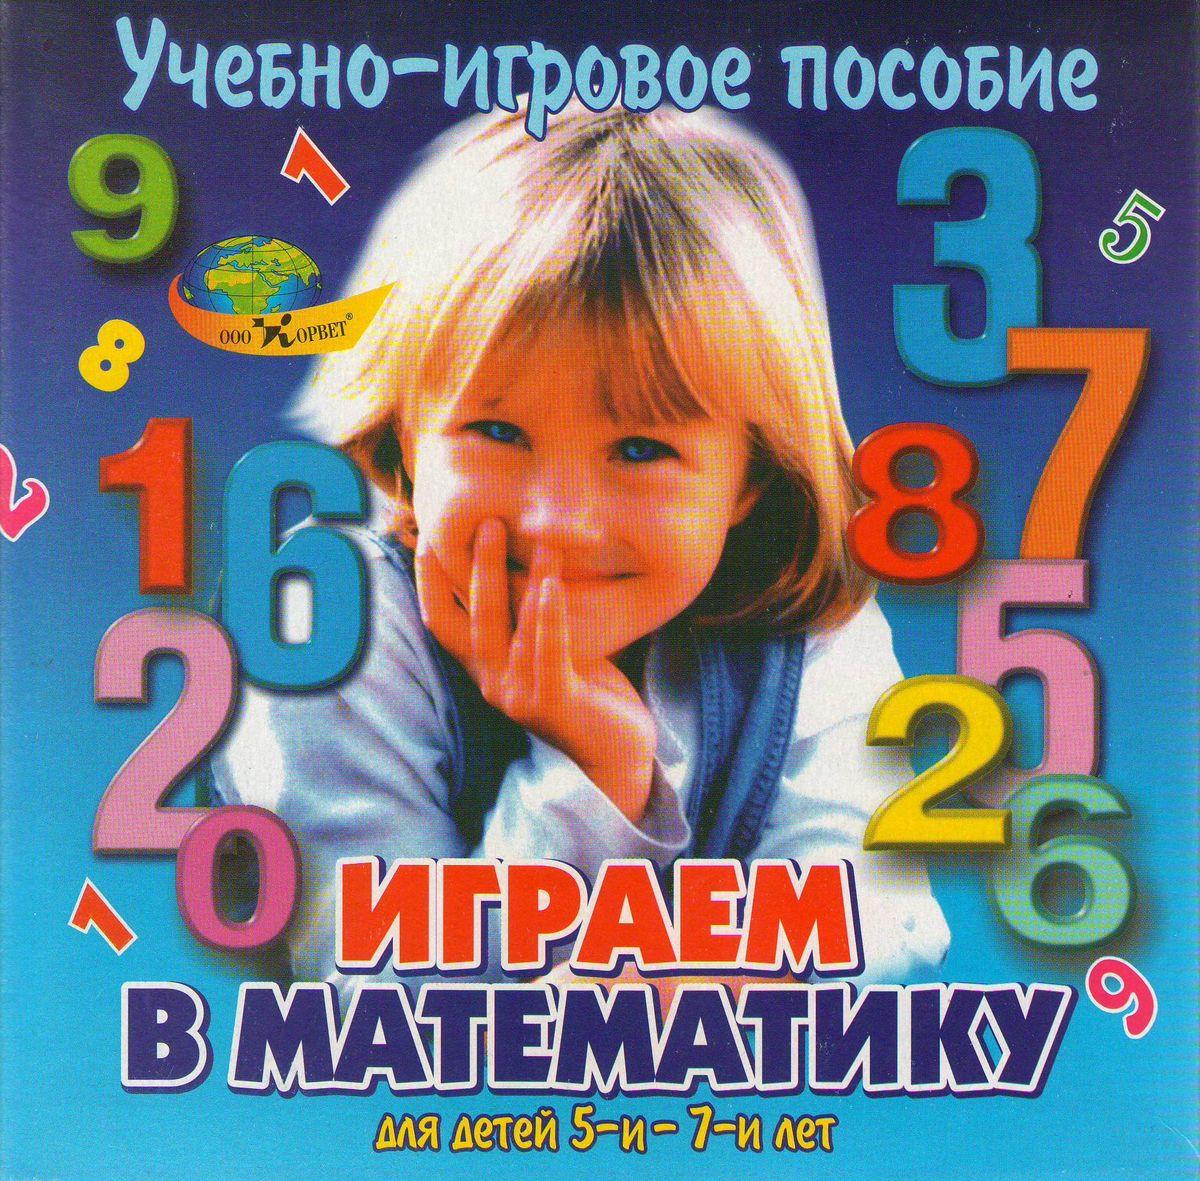 Корвет Обучающая игра Играем в математику4680000430135Назначение игрового пособия состоит в освоении детьми цифр и умений применять их в игровой и результативной деятельности: при обозначении ими количества; сравнении множеств и чисел; выделении отношений чисел натурального ряда; последовательности и зависимости чисел; обозначения местонахождения предмета (координат); шифровки и расшифровки информации, заданной в цифрах и буквах. Состав: Пластмассовые цифры от 0 до 9, трех цветов и двух размеров Методические рекомендации, а также карты и карточки для работы с цифрами.